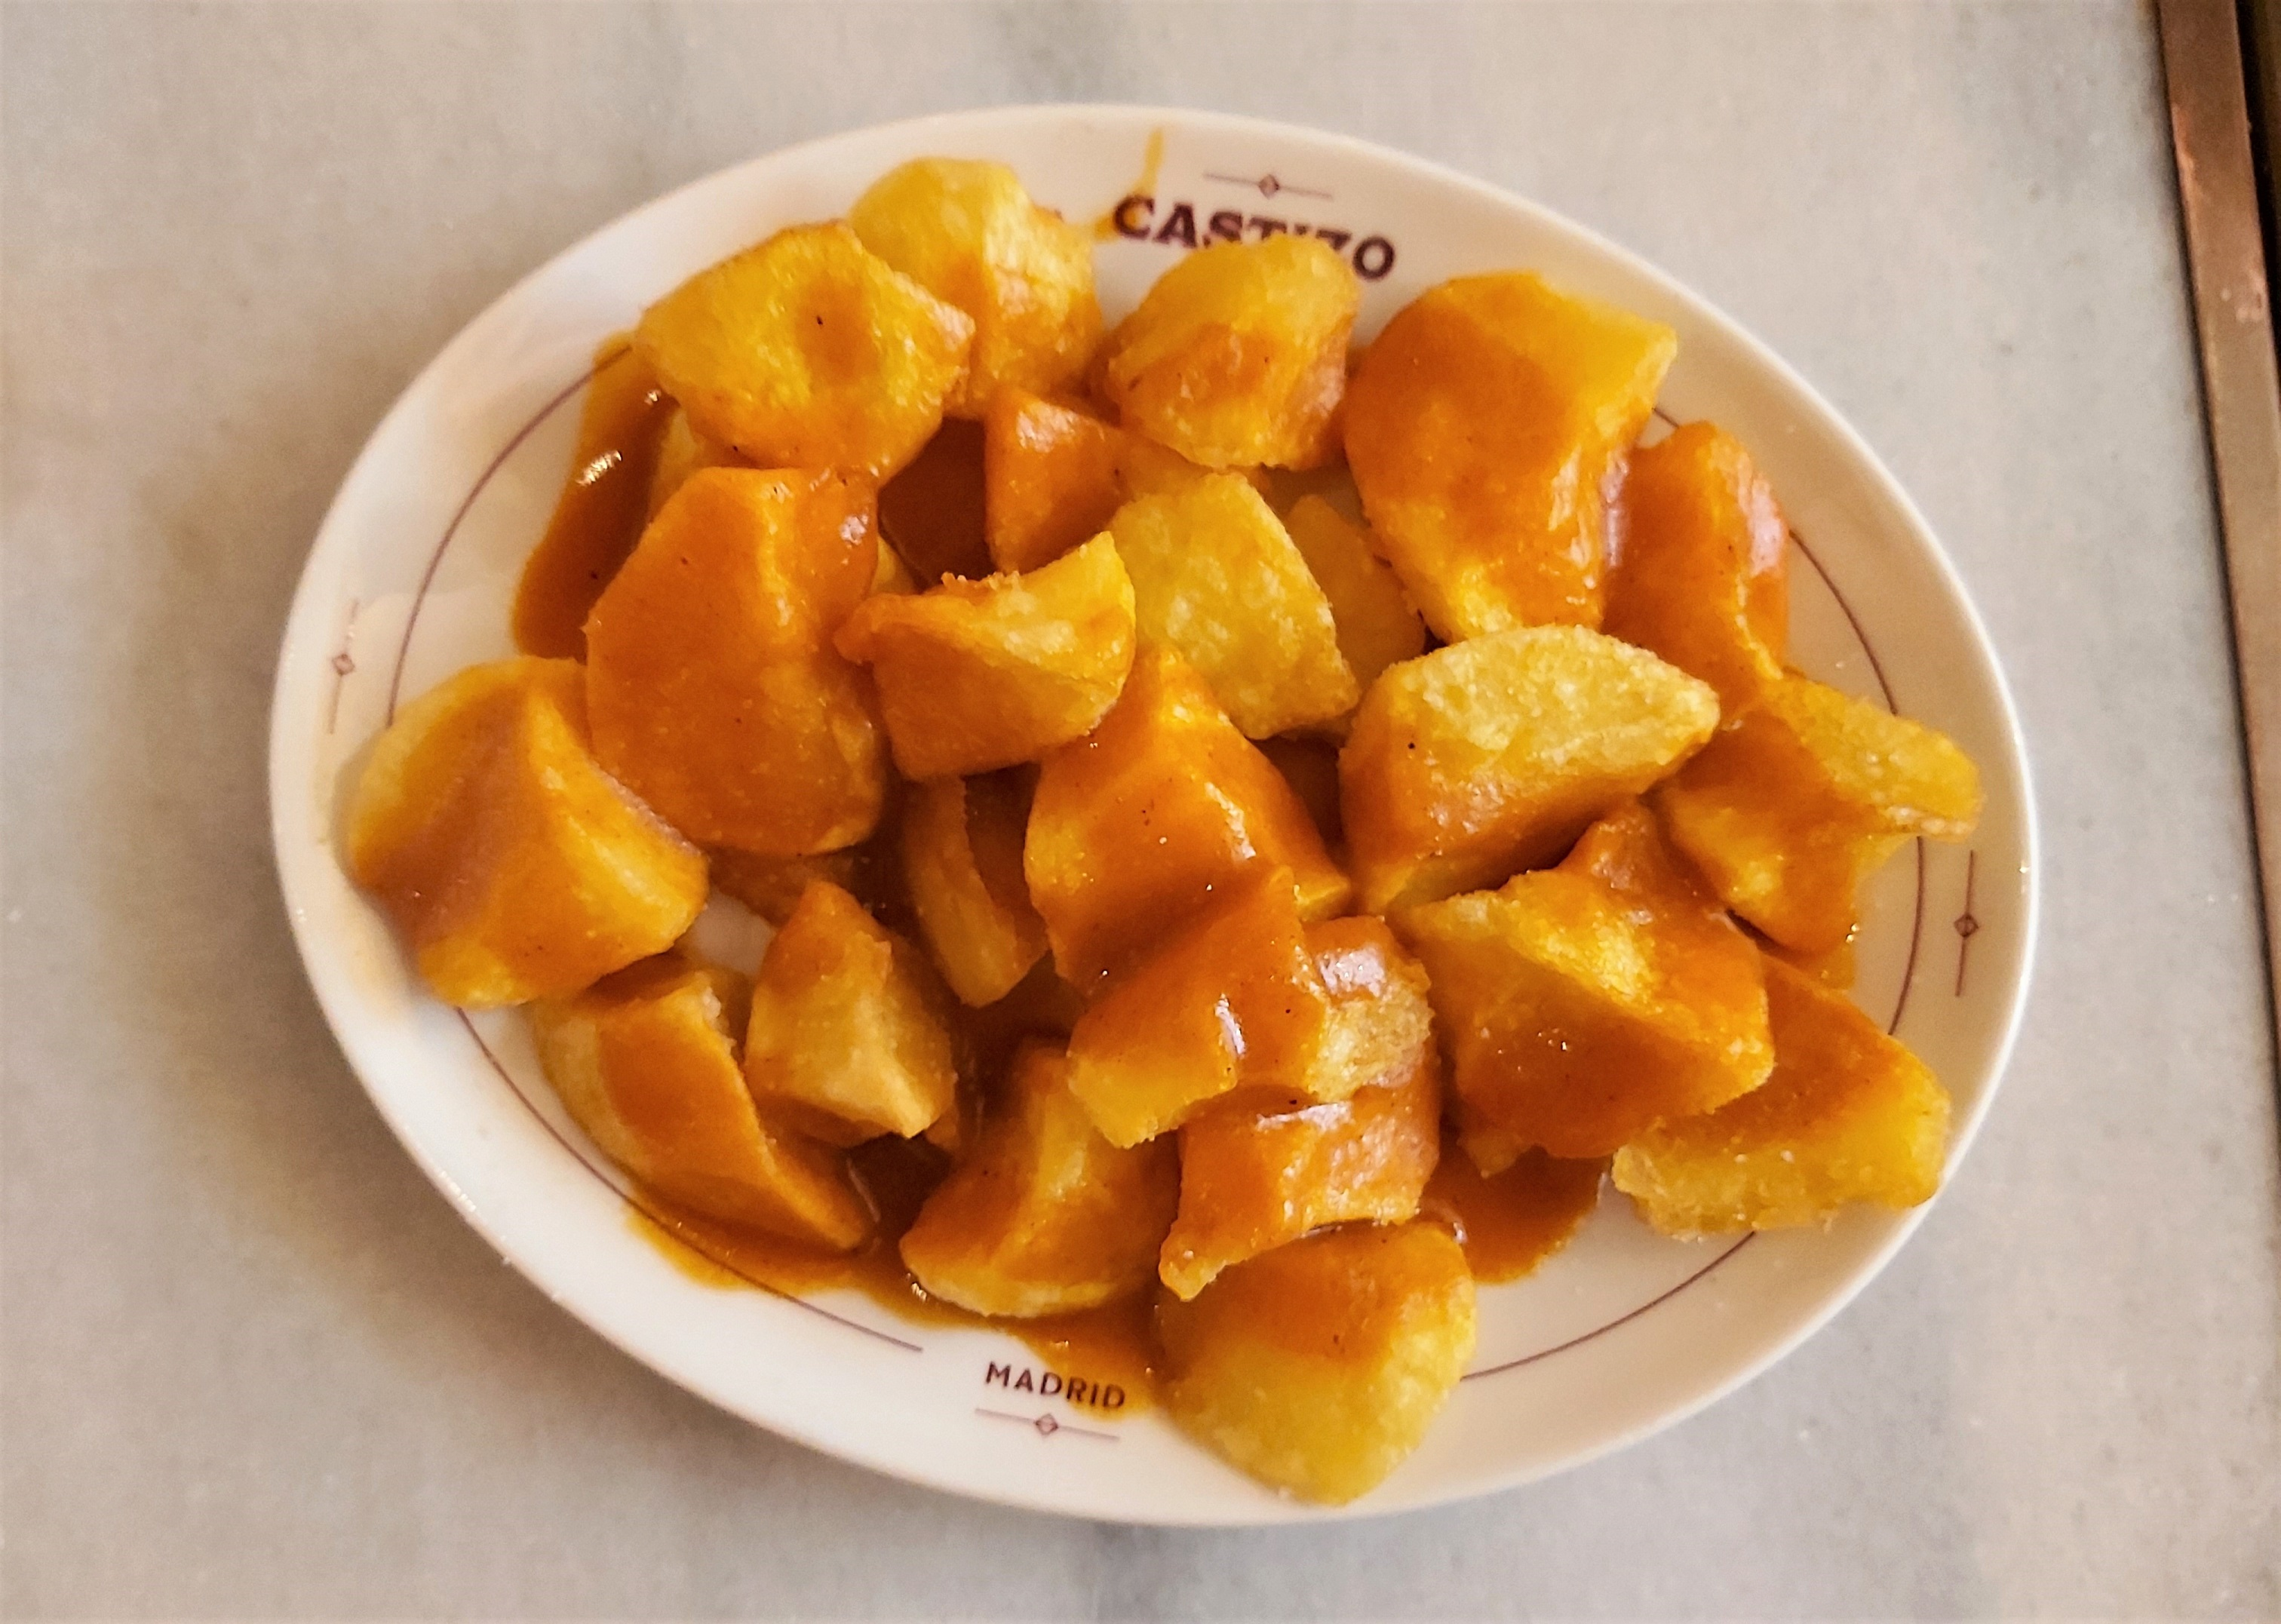 Patatas bravas Castizo